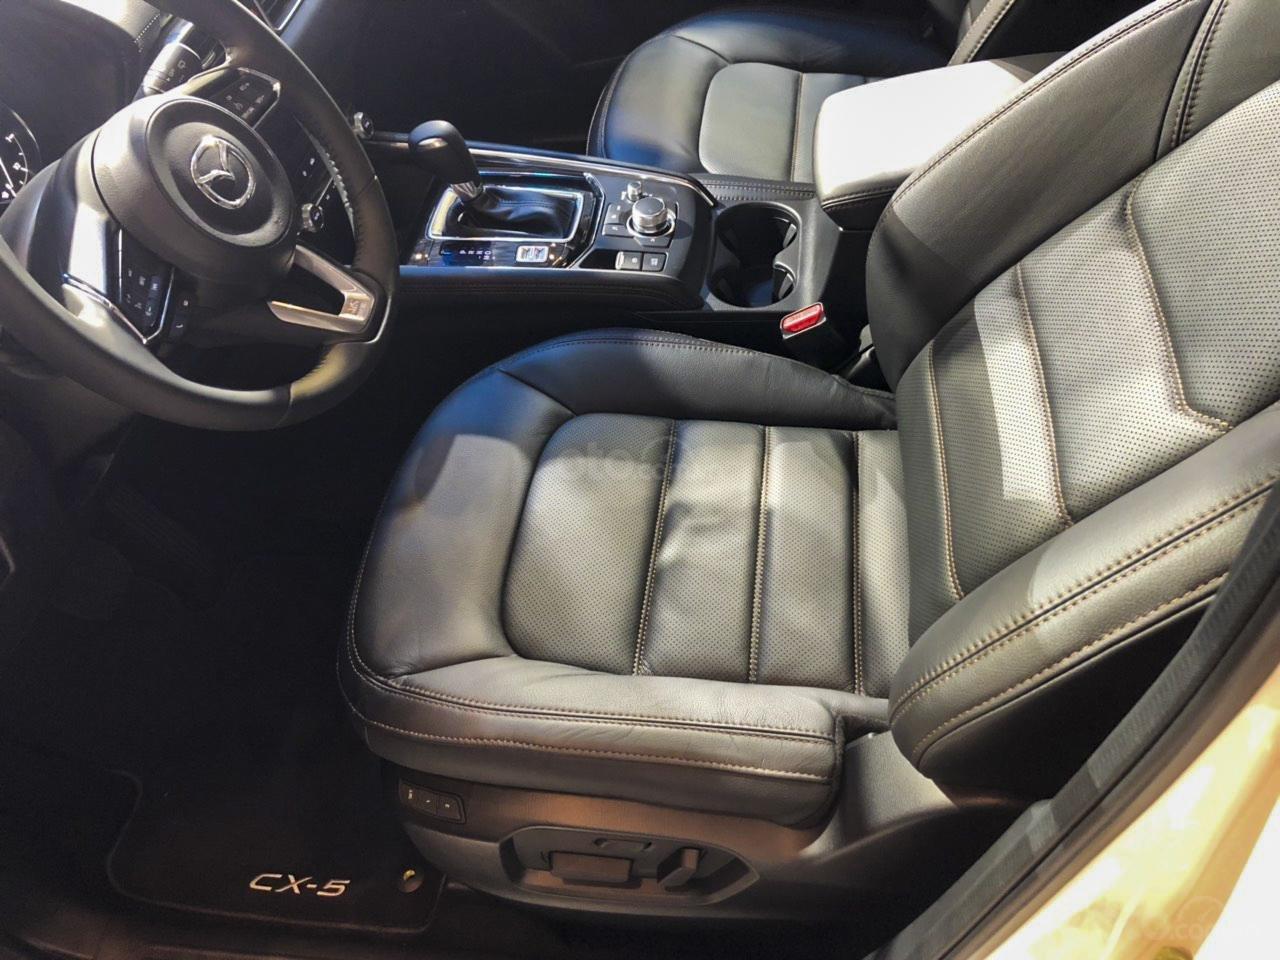 Ghế ngồi của Mazda CX-5 2019 được bổ sung thêm tính năng làm mát ghế.